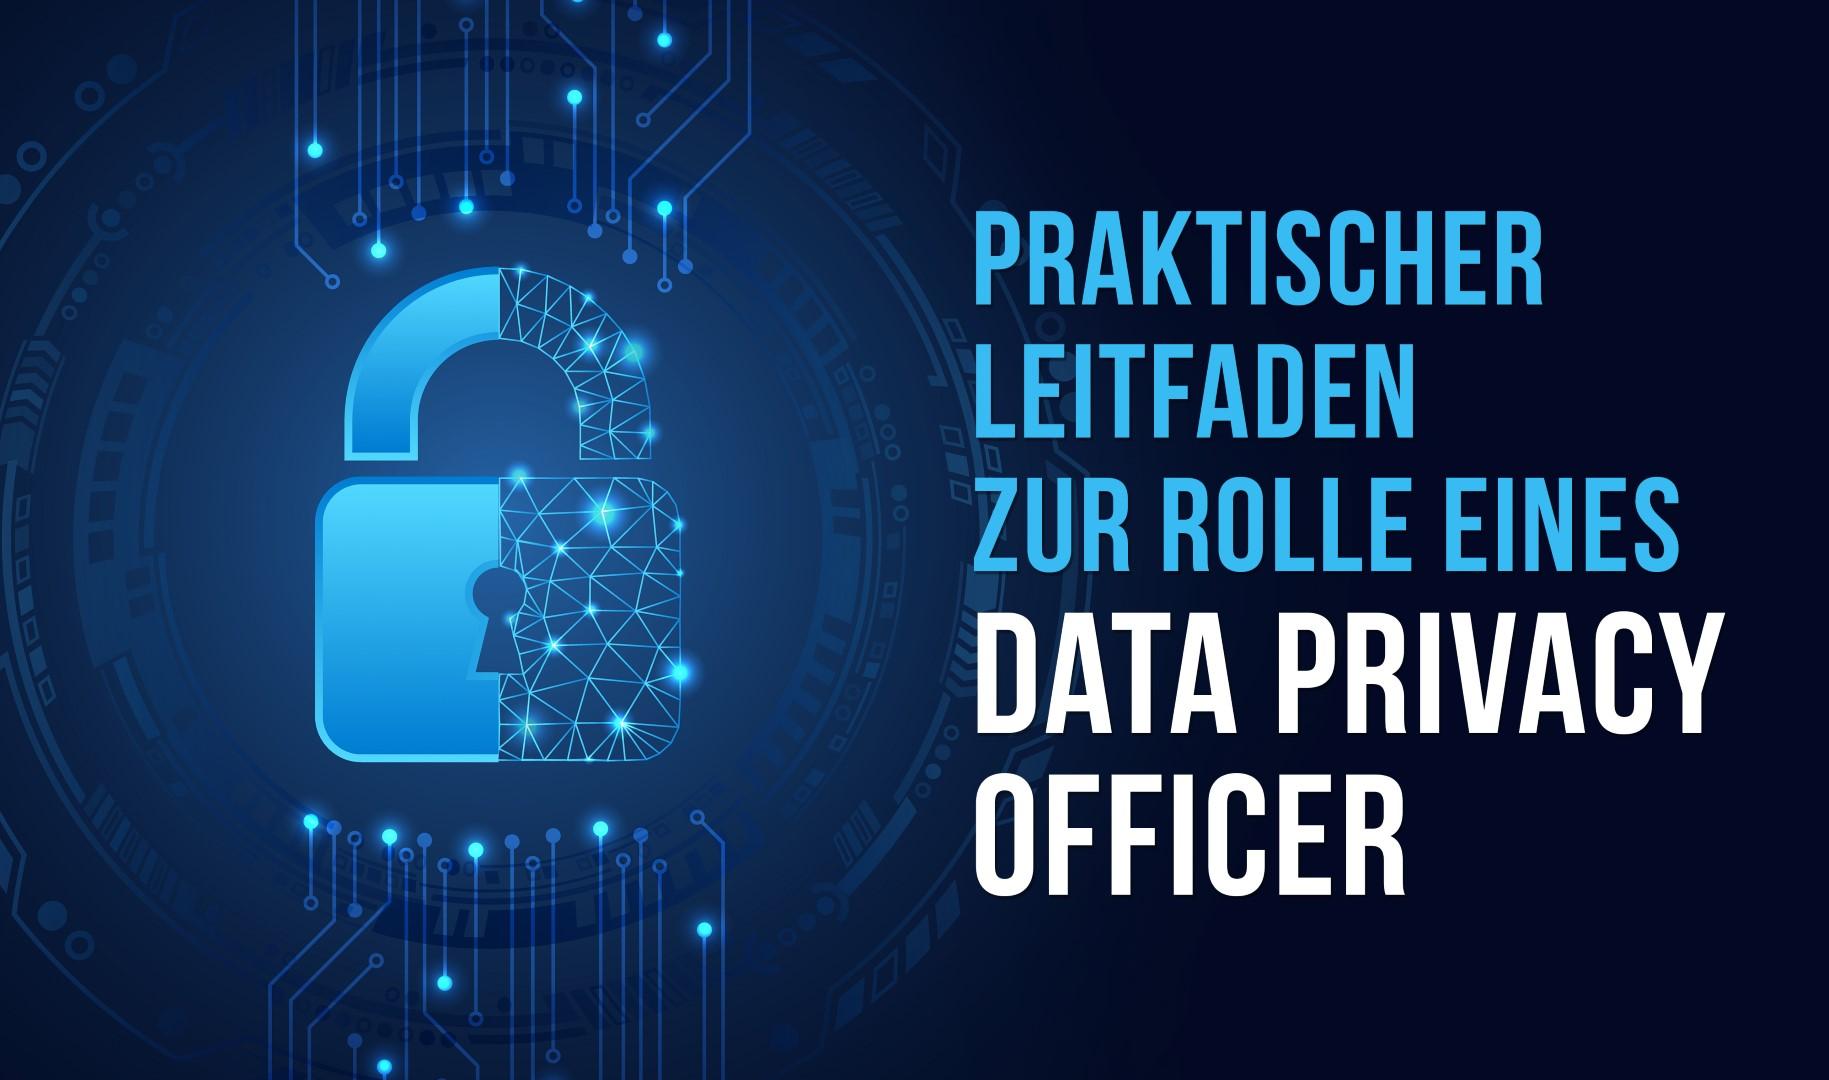 Die elf Verpflichtungen von Unternehmungen im Bereich Datenschutz